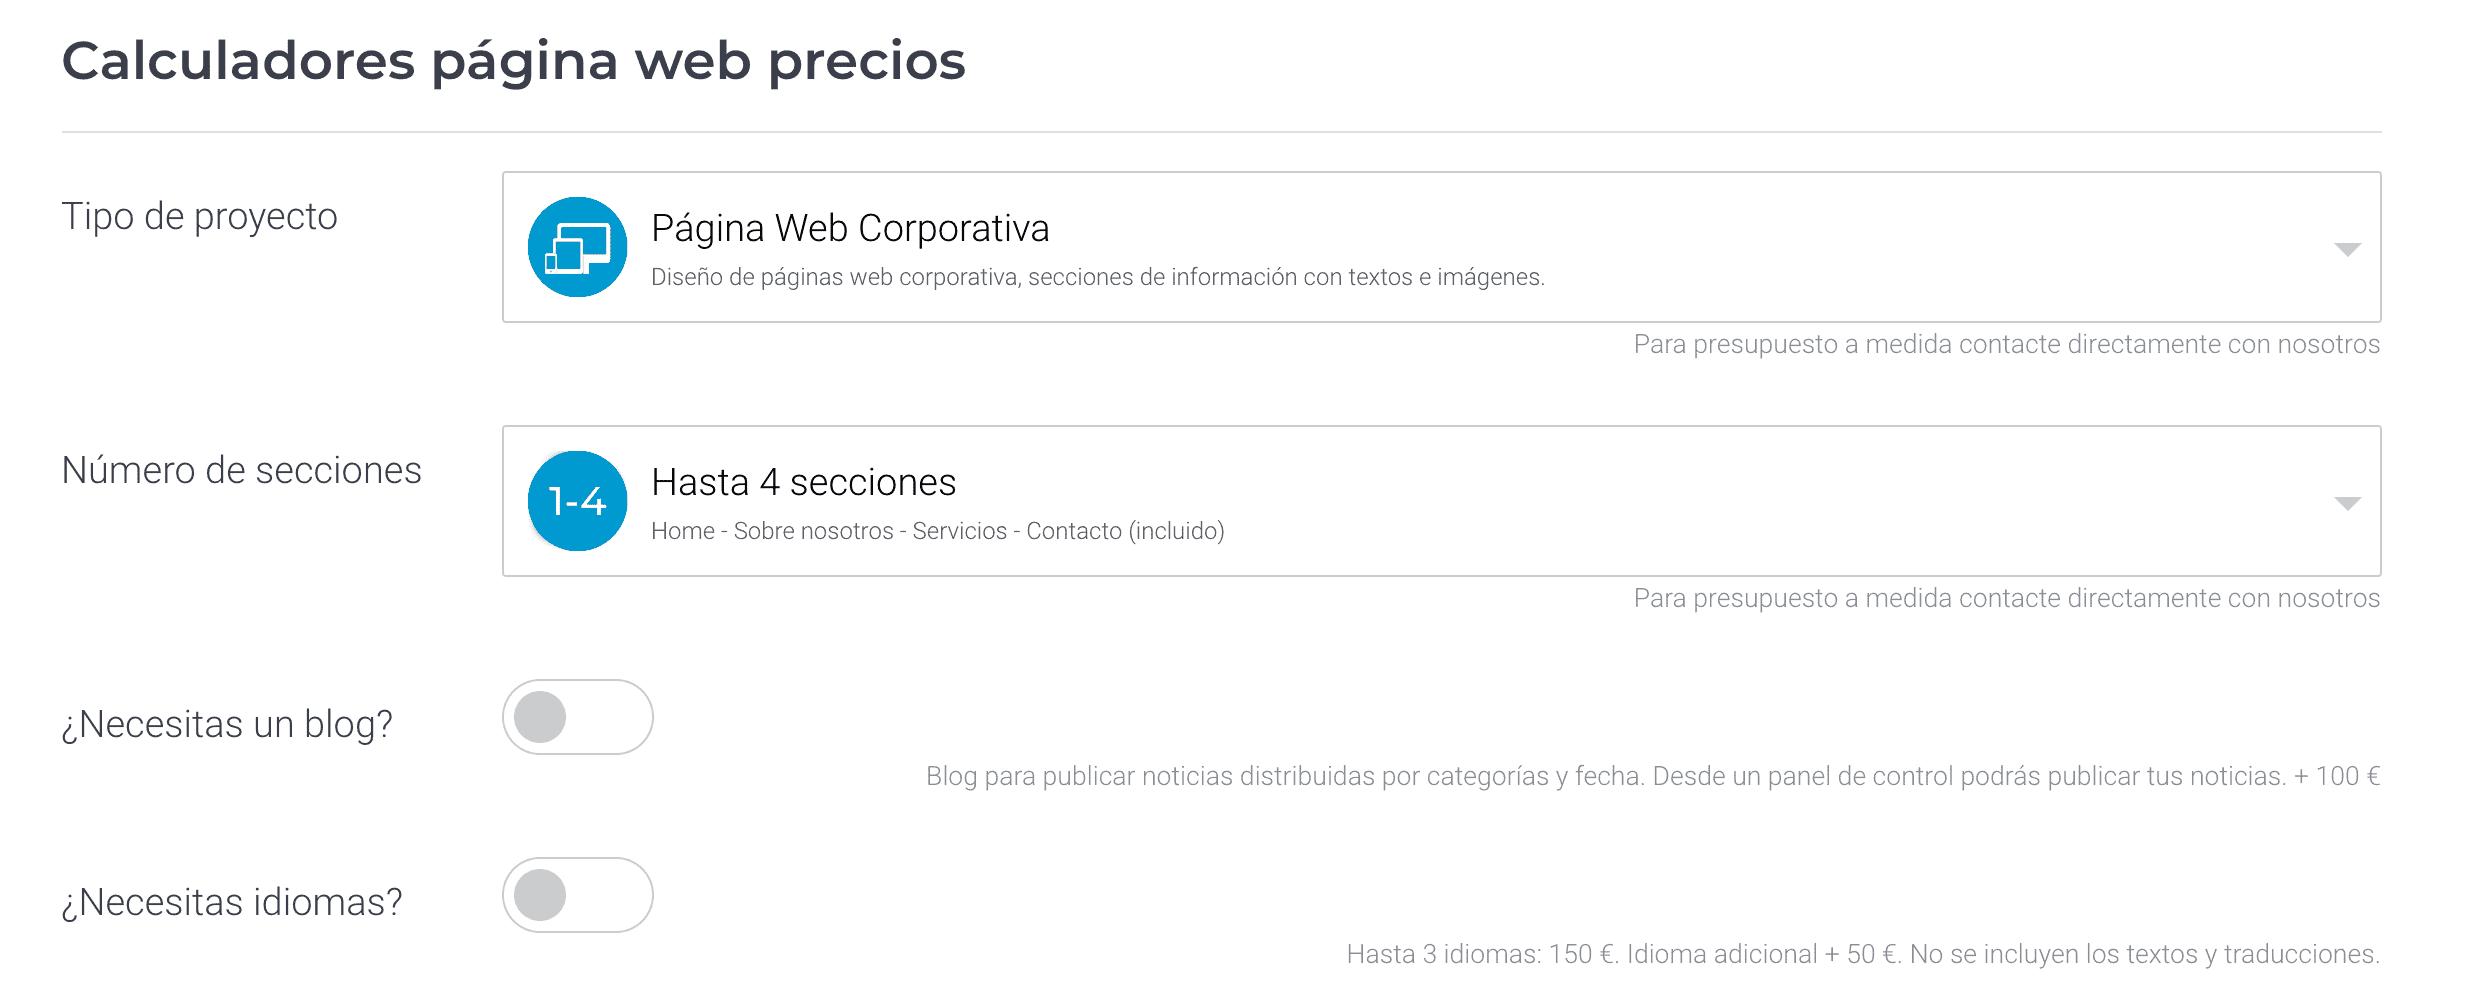 Calculadora precios página web